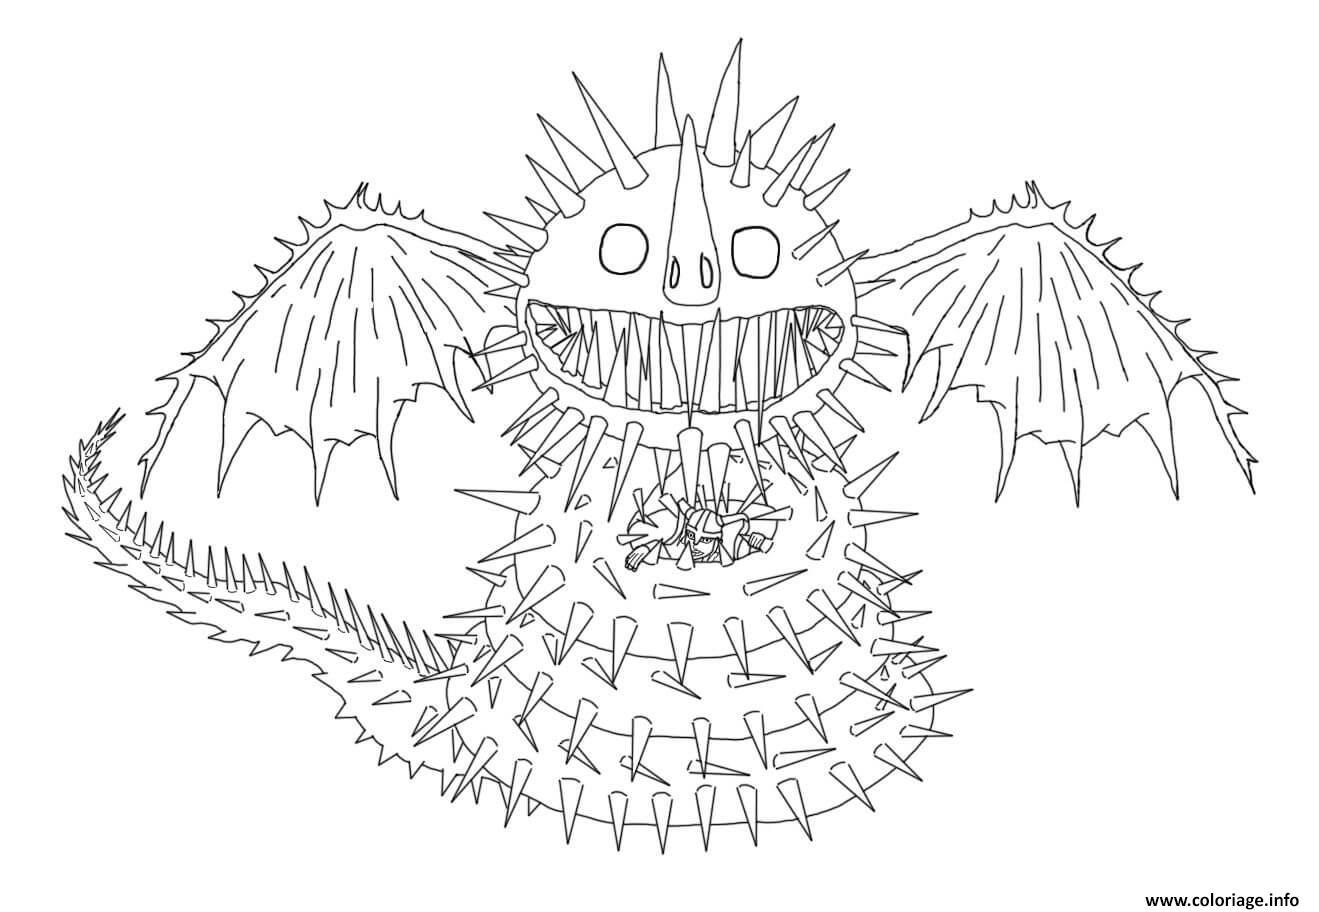 Dessin Whispering Death Dragon Coloriage Gratuit à Imprimer